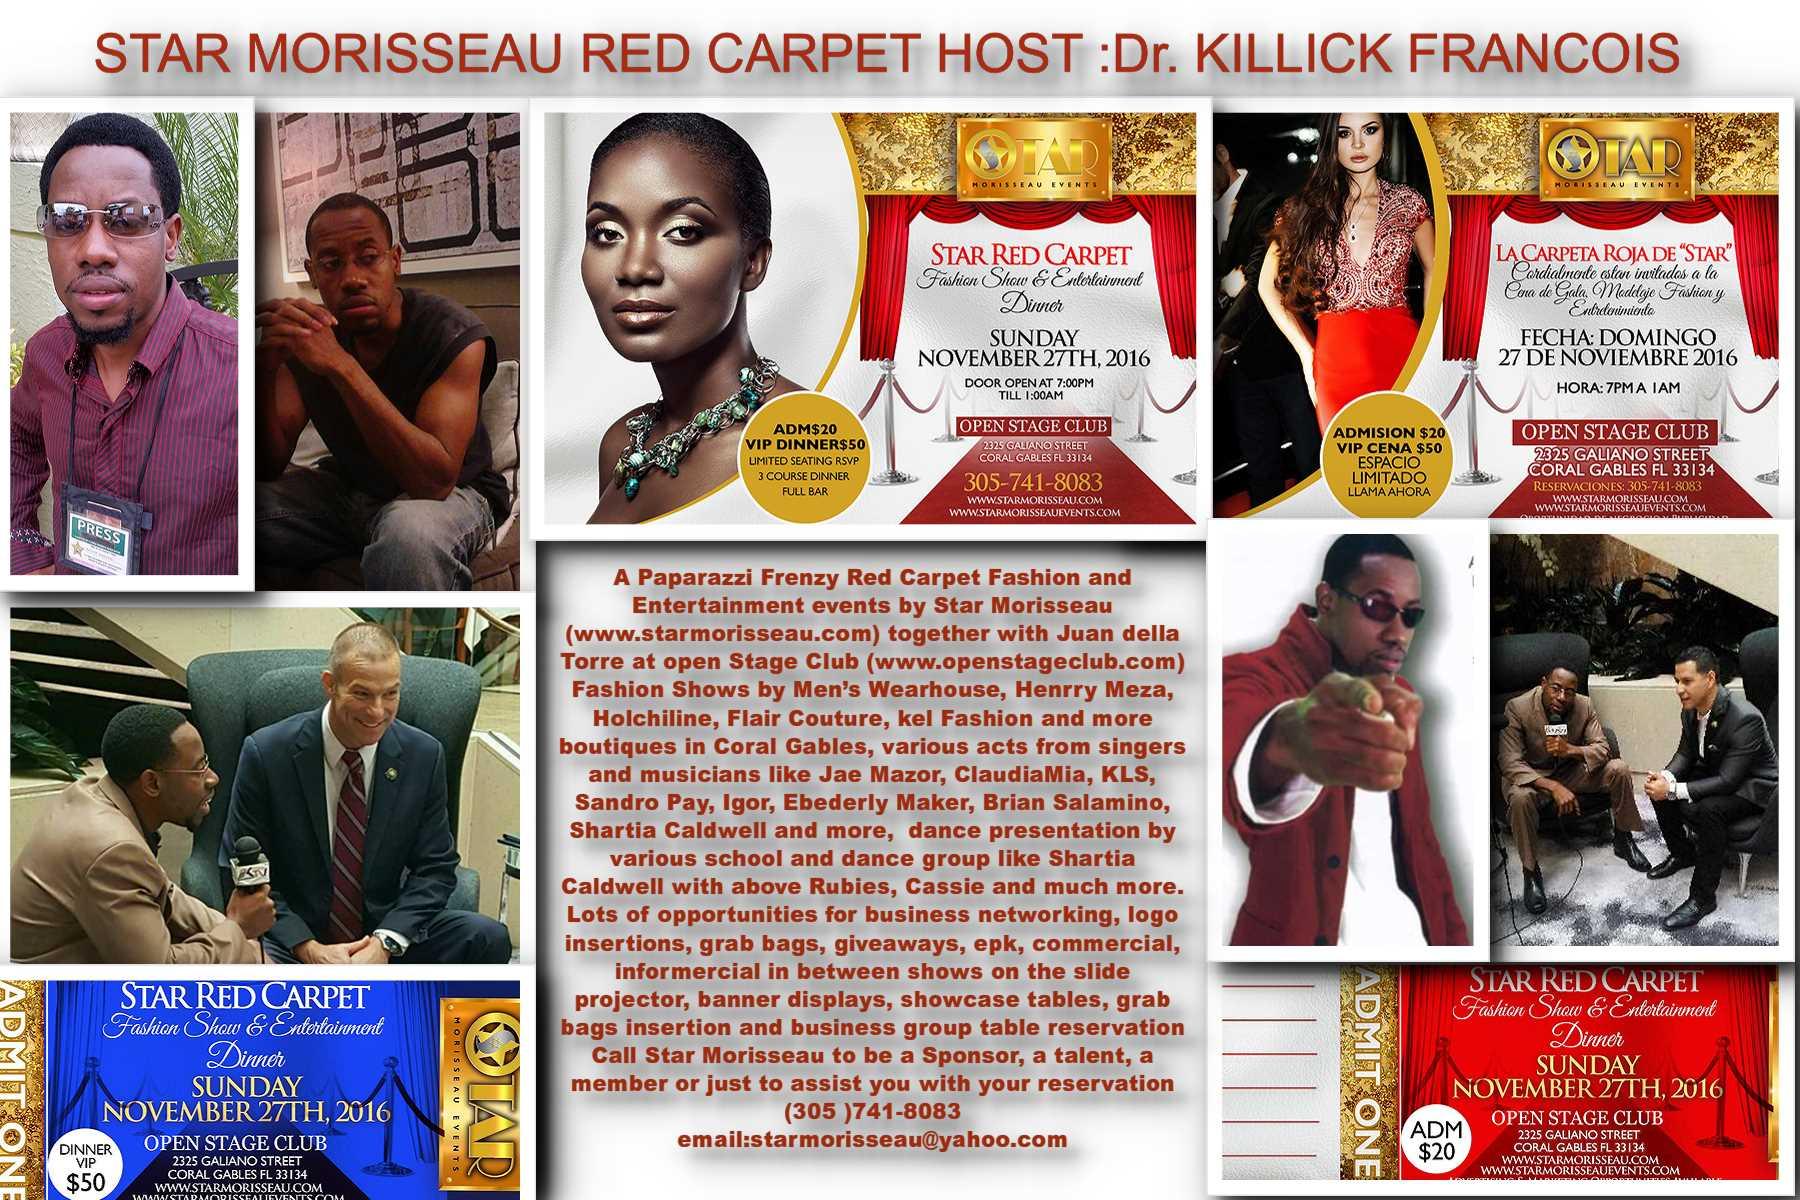 star red carpet host:Dr. Killick Fracois